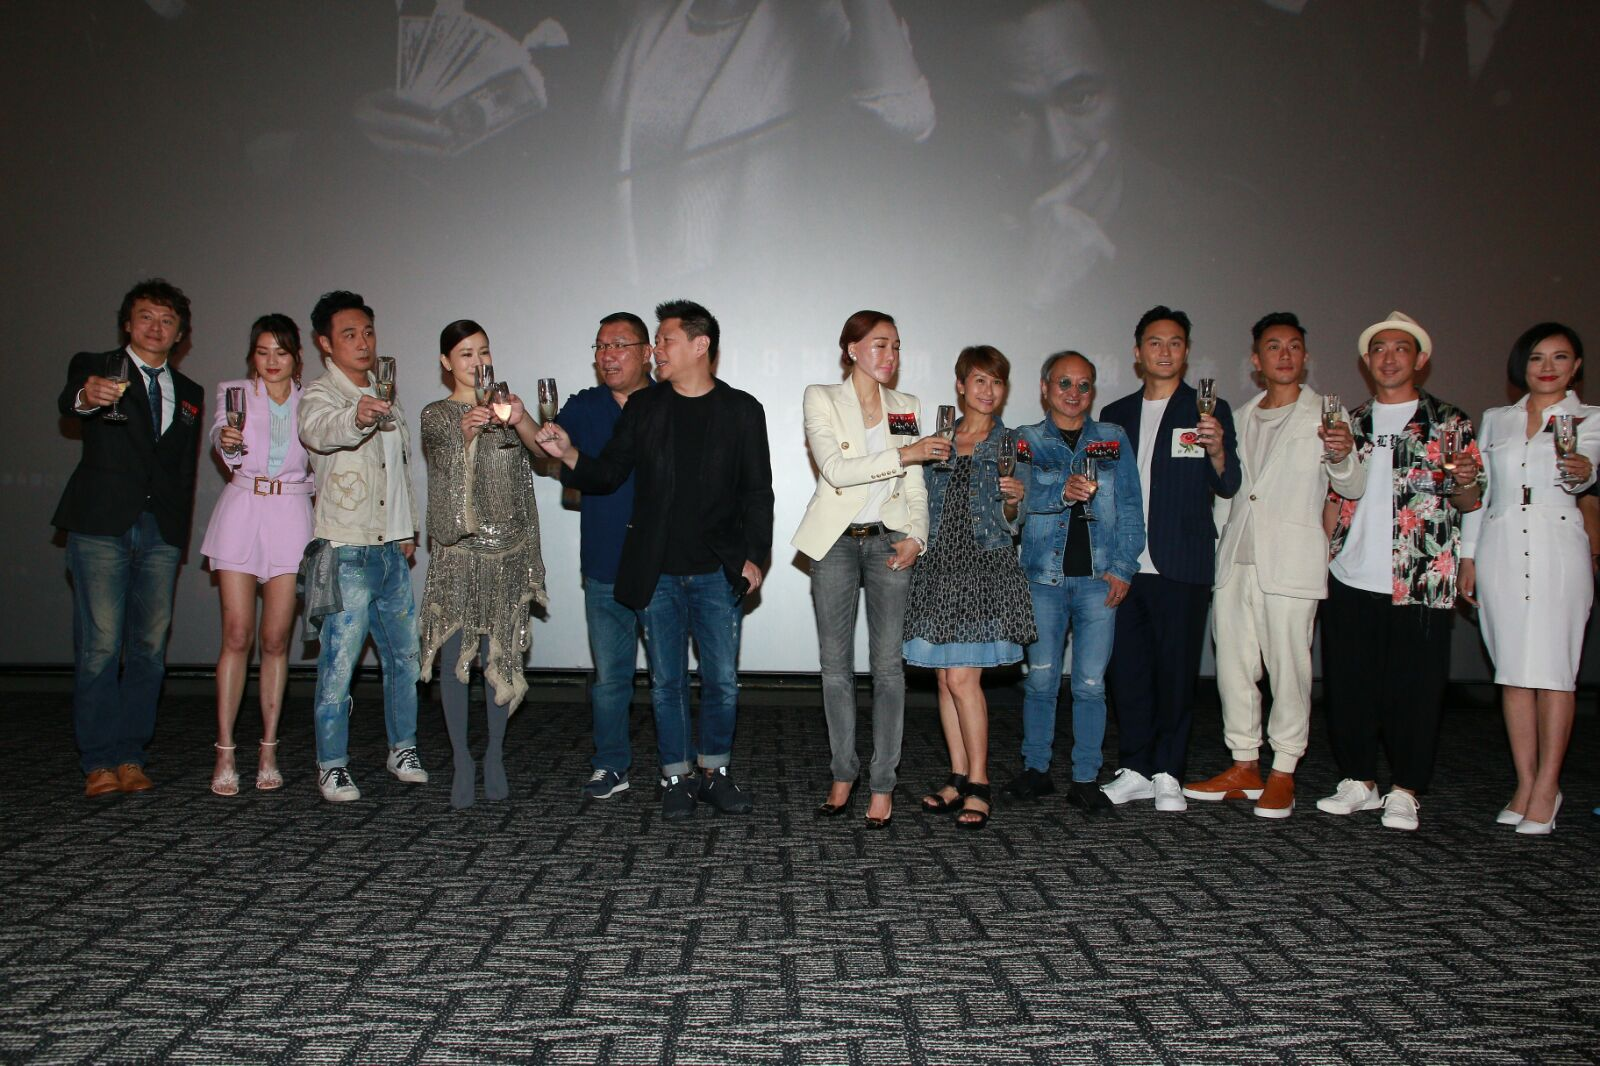 張智霖(Chi Lam)、佘詩曼(阿佘)及吳鎮宇等出席《洩密者們》首映禮。